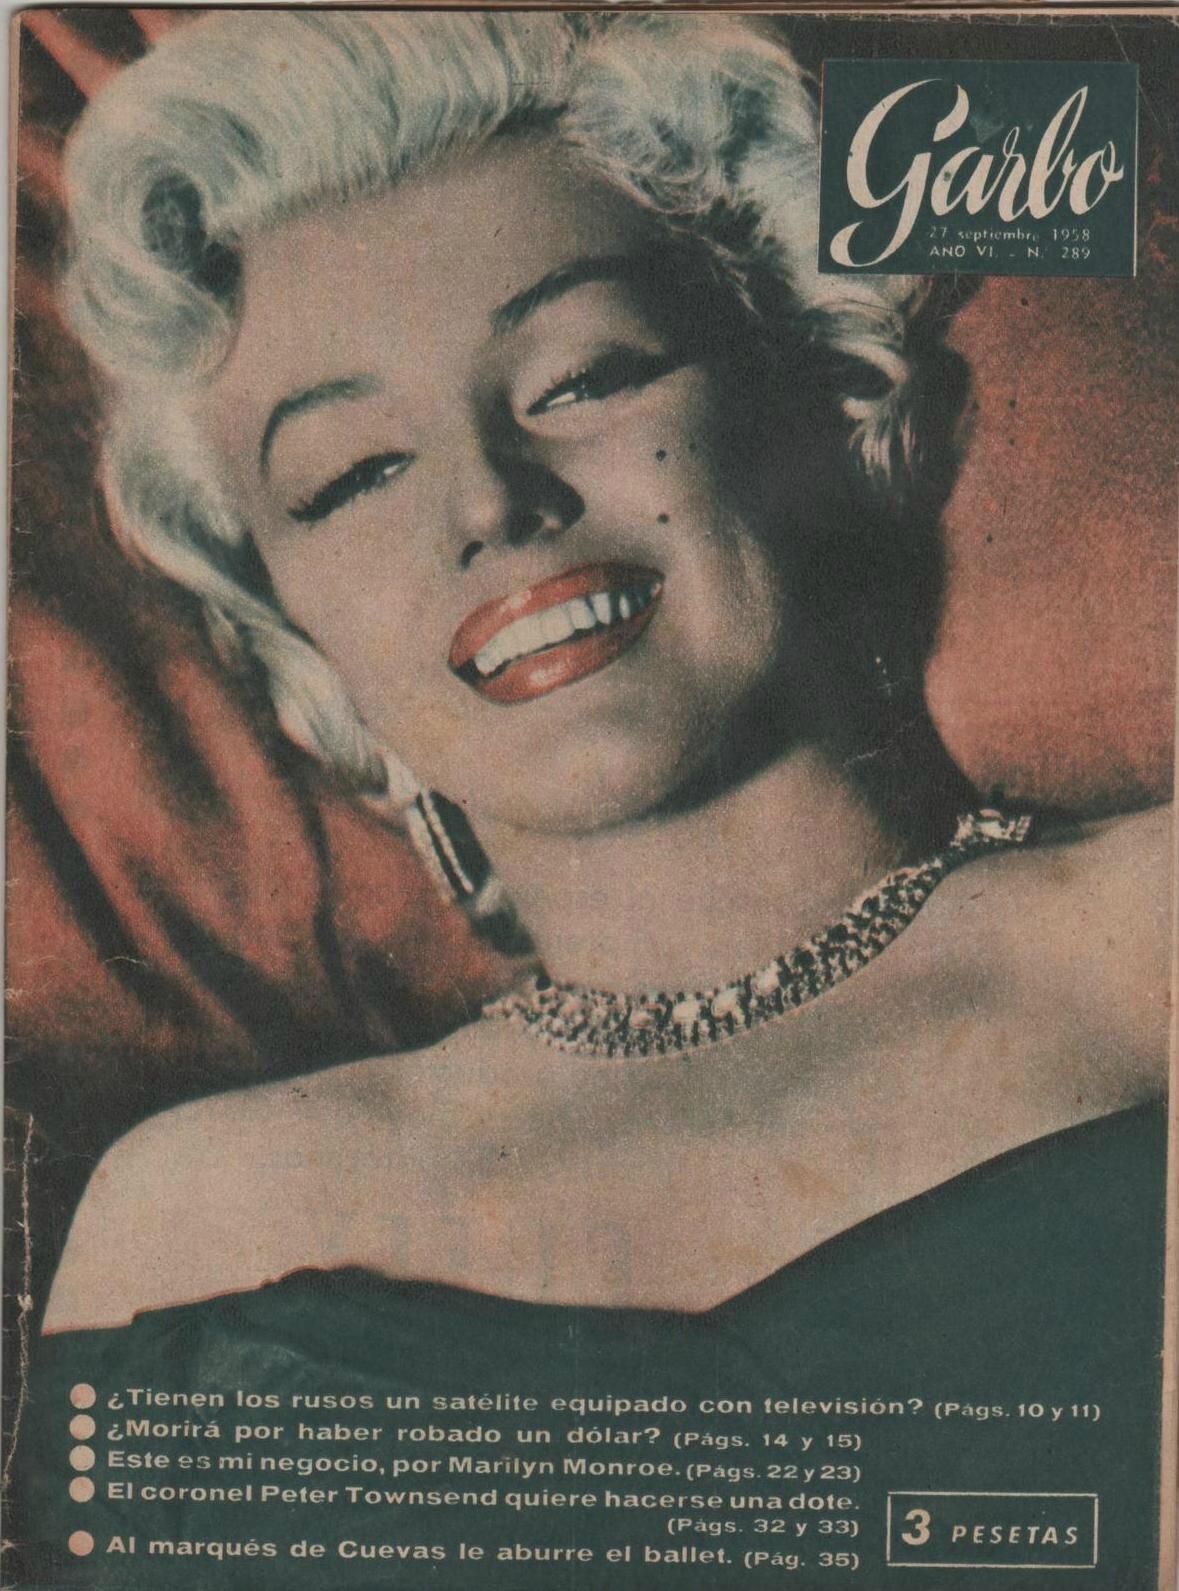 Garbo (esp) 1958